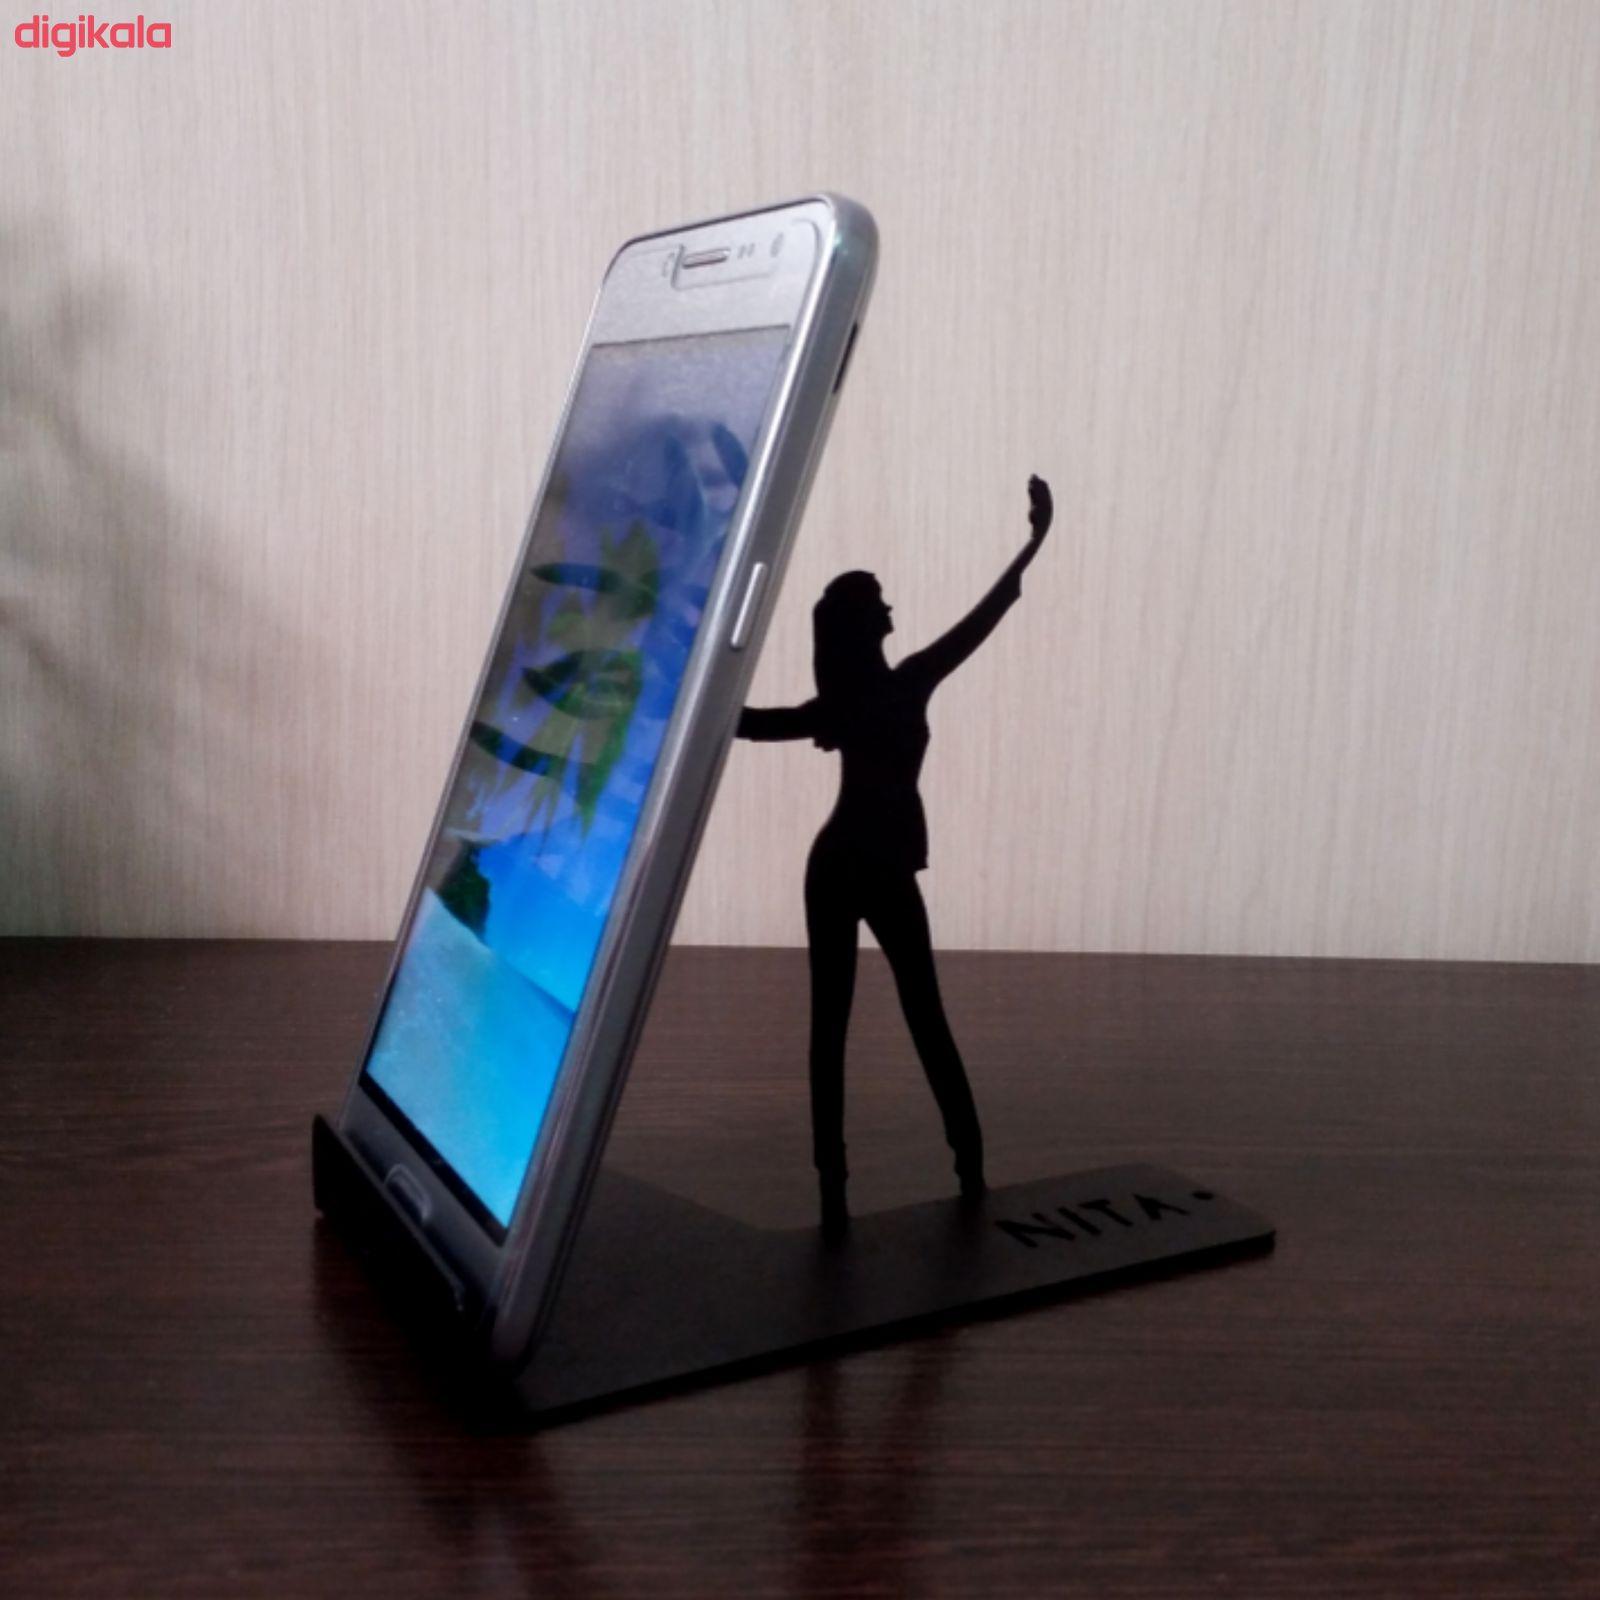 پایه نگهدارنده گوشی موبایل نیتا کد 206-1 main 1 1